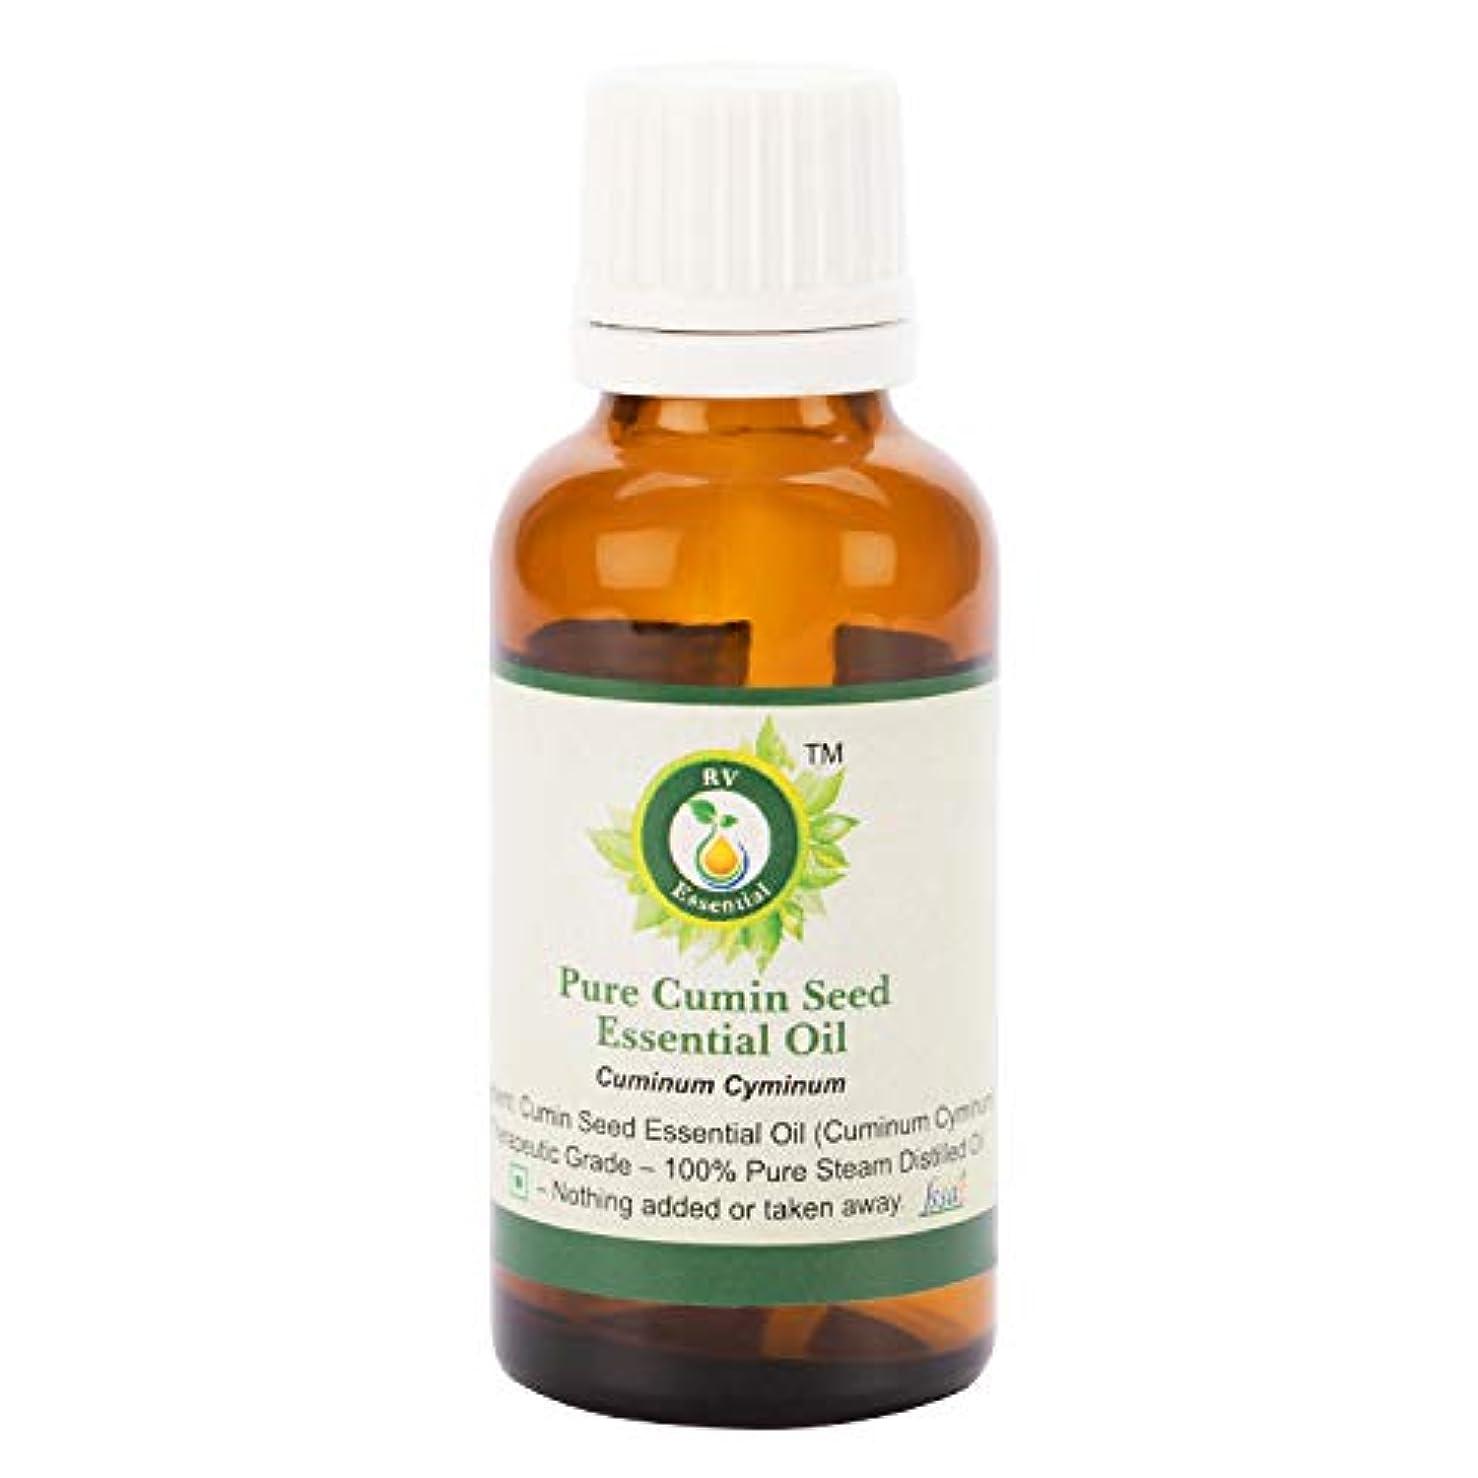 チャップひどいステージピュアクミンシードエッセンシャルオイル5ml (0.169oz)- Cuminum Cyminum (100%純粋&天然スチームDistilled) Pure Cumin Seed Essential Oil